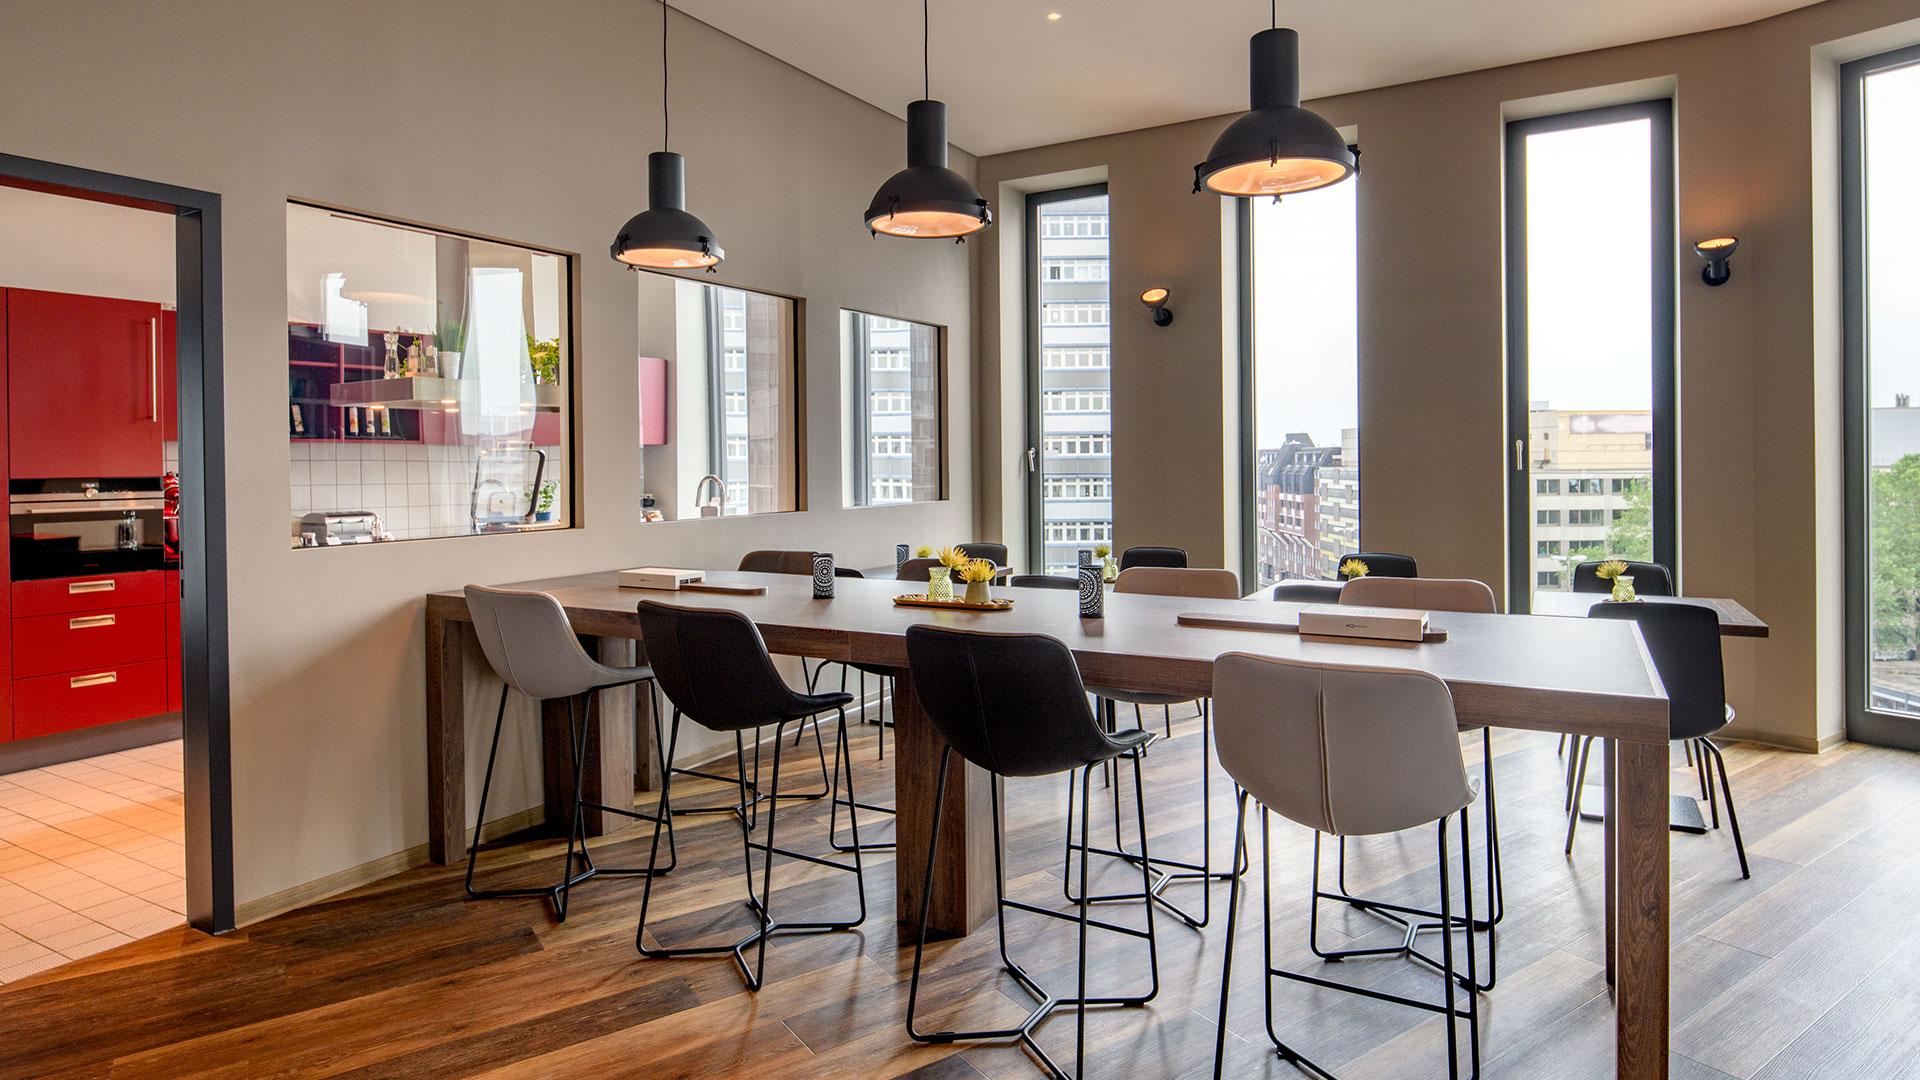 Foto des Restaurants - 04 - Aparthotel Adagio Bremen